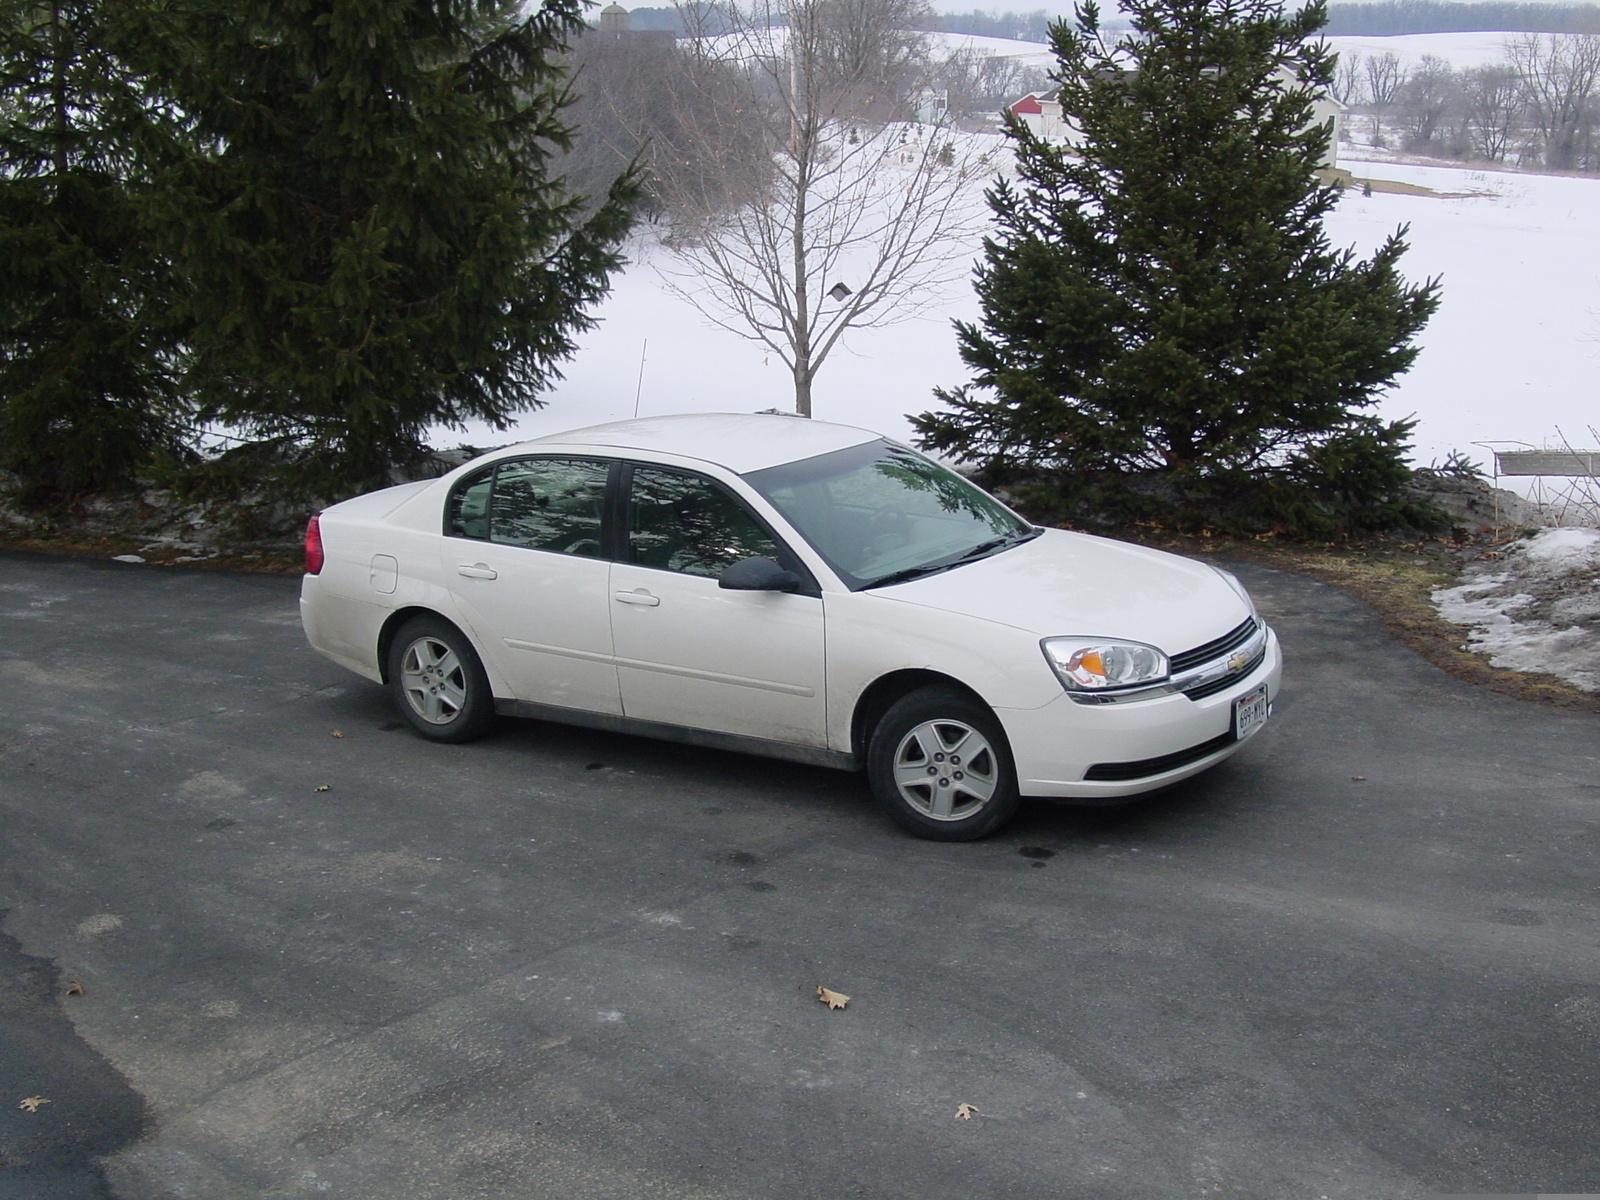 2005 Chevrolet Malibu Pictures Cargurus